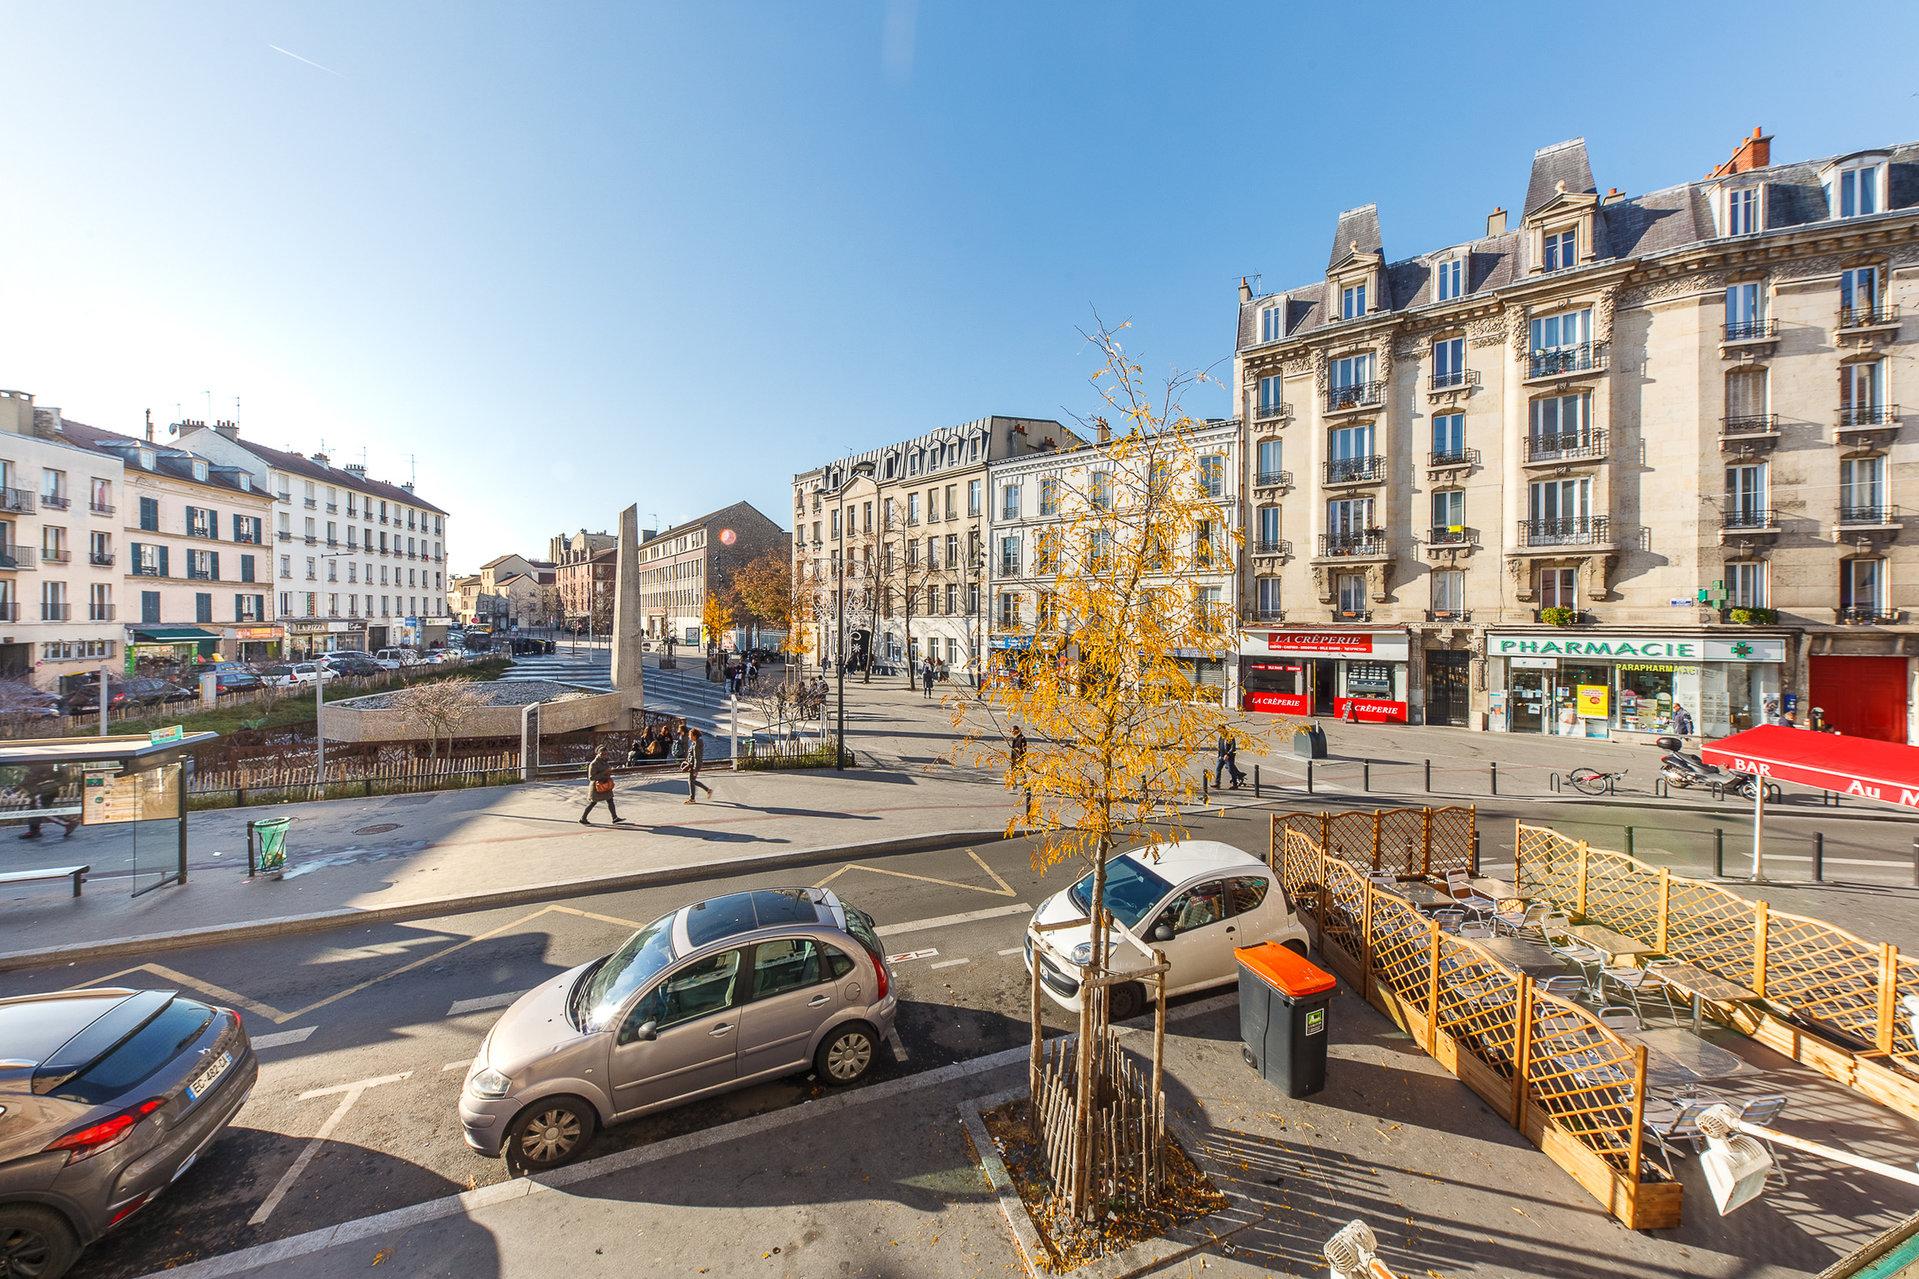 Saint-Denis - MUSSE D'ART ET D'HISTOIRE - M° Saint Denis Porte de Paris - 4 Pièces - SOLEIL - TRAVERSANT - VUE